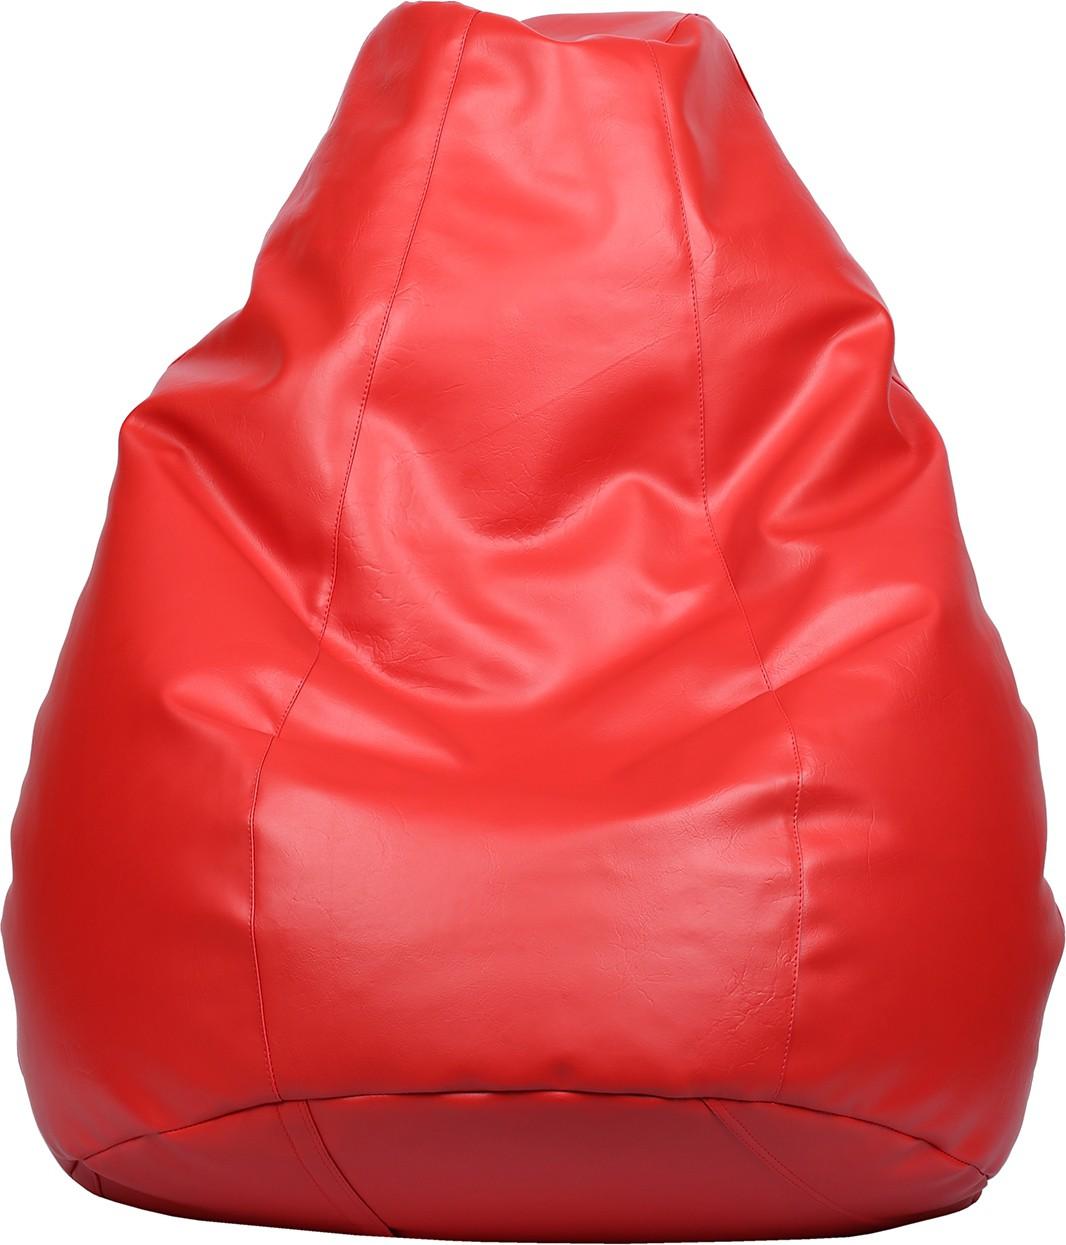 View VizwaSS XXXL Teardrop Bean Bag  With Bean Filling(Red) Furniture (VizwaSS)